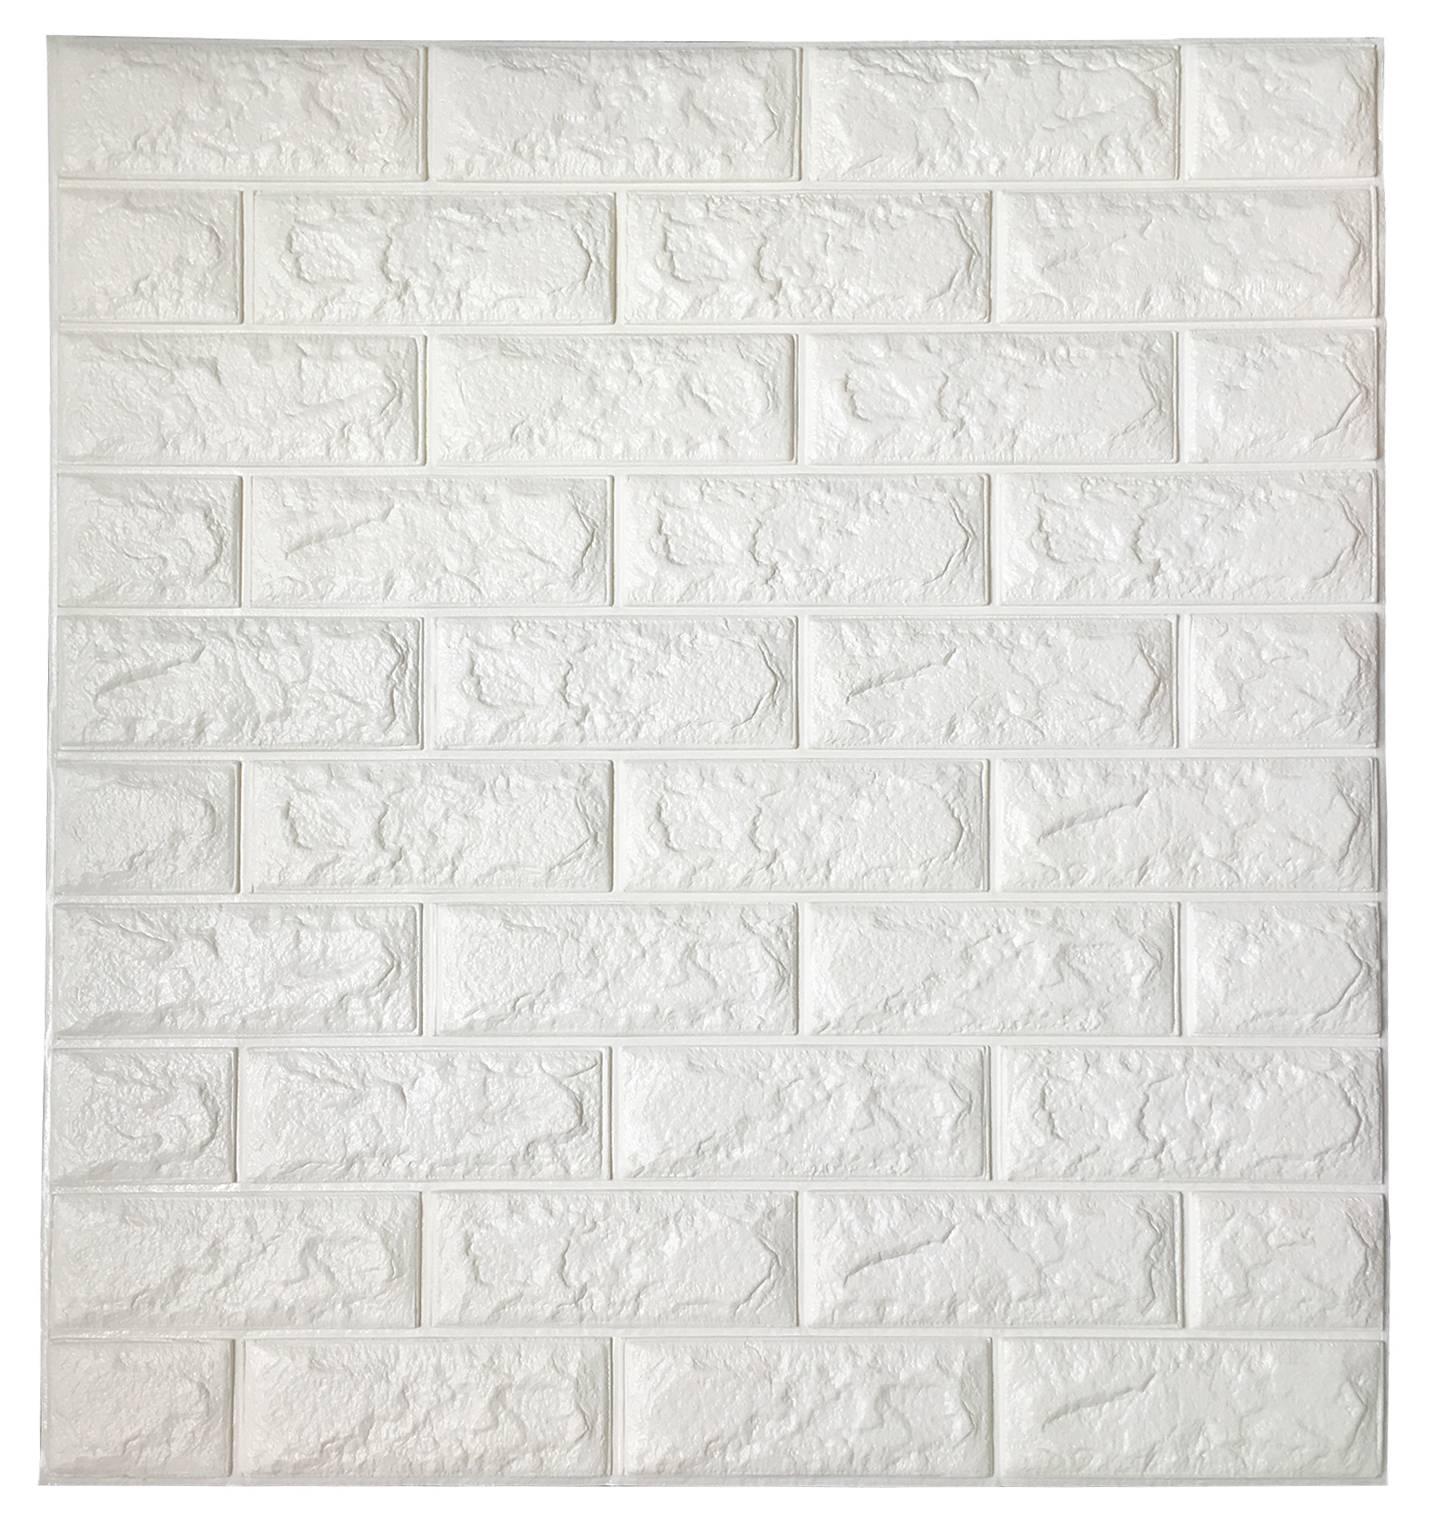 3D Wall Panels | 3D Wall Tiles | 3D Wall Art | 3D Wall Decor pertaining to 2017 3D Brick Wall Art